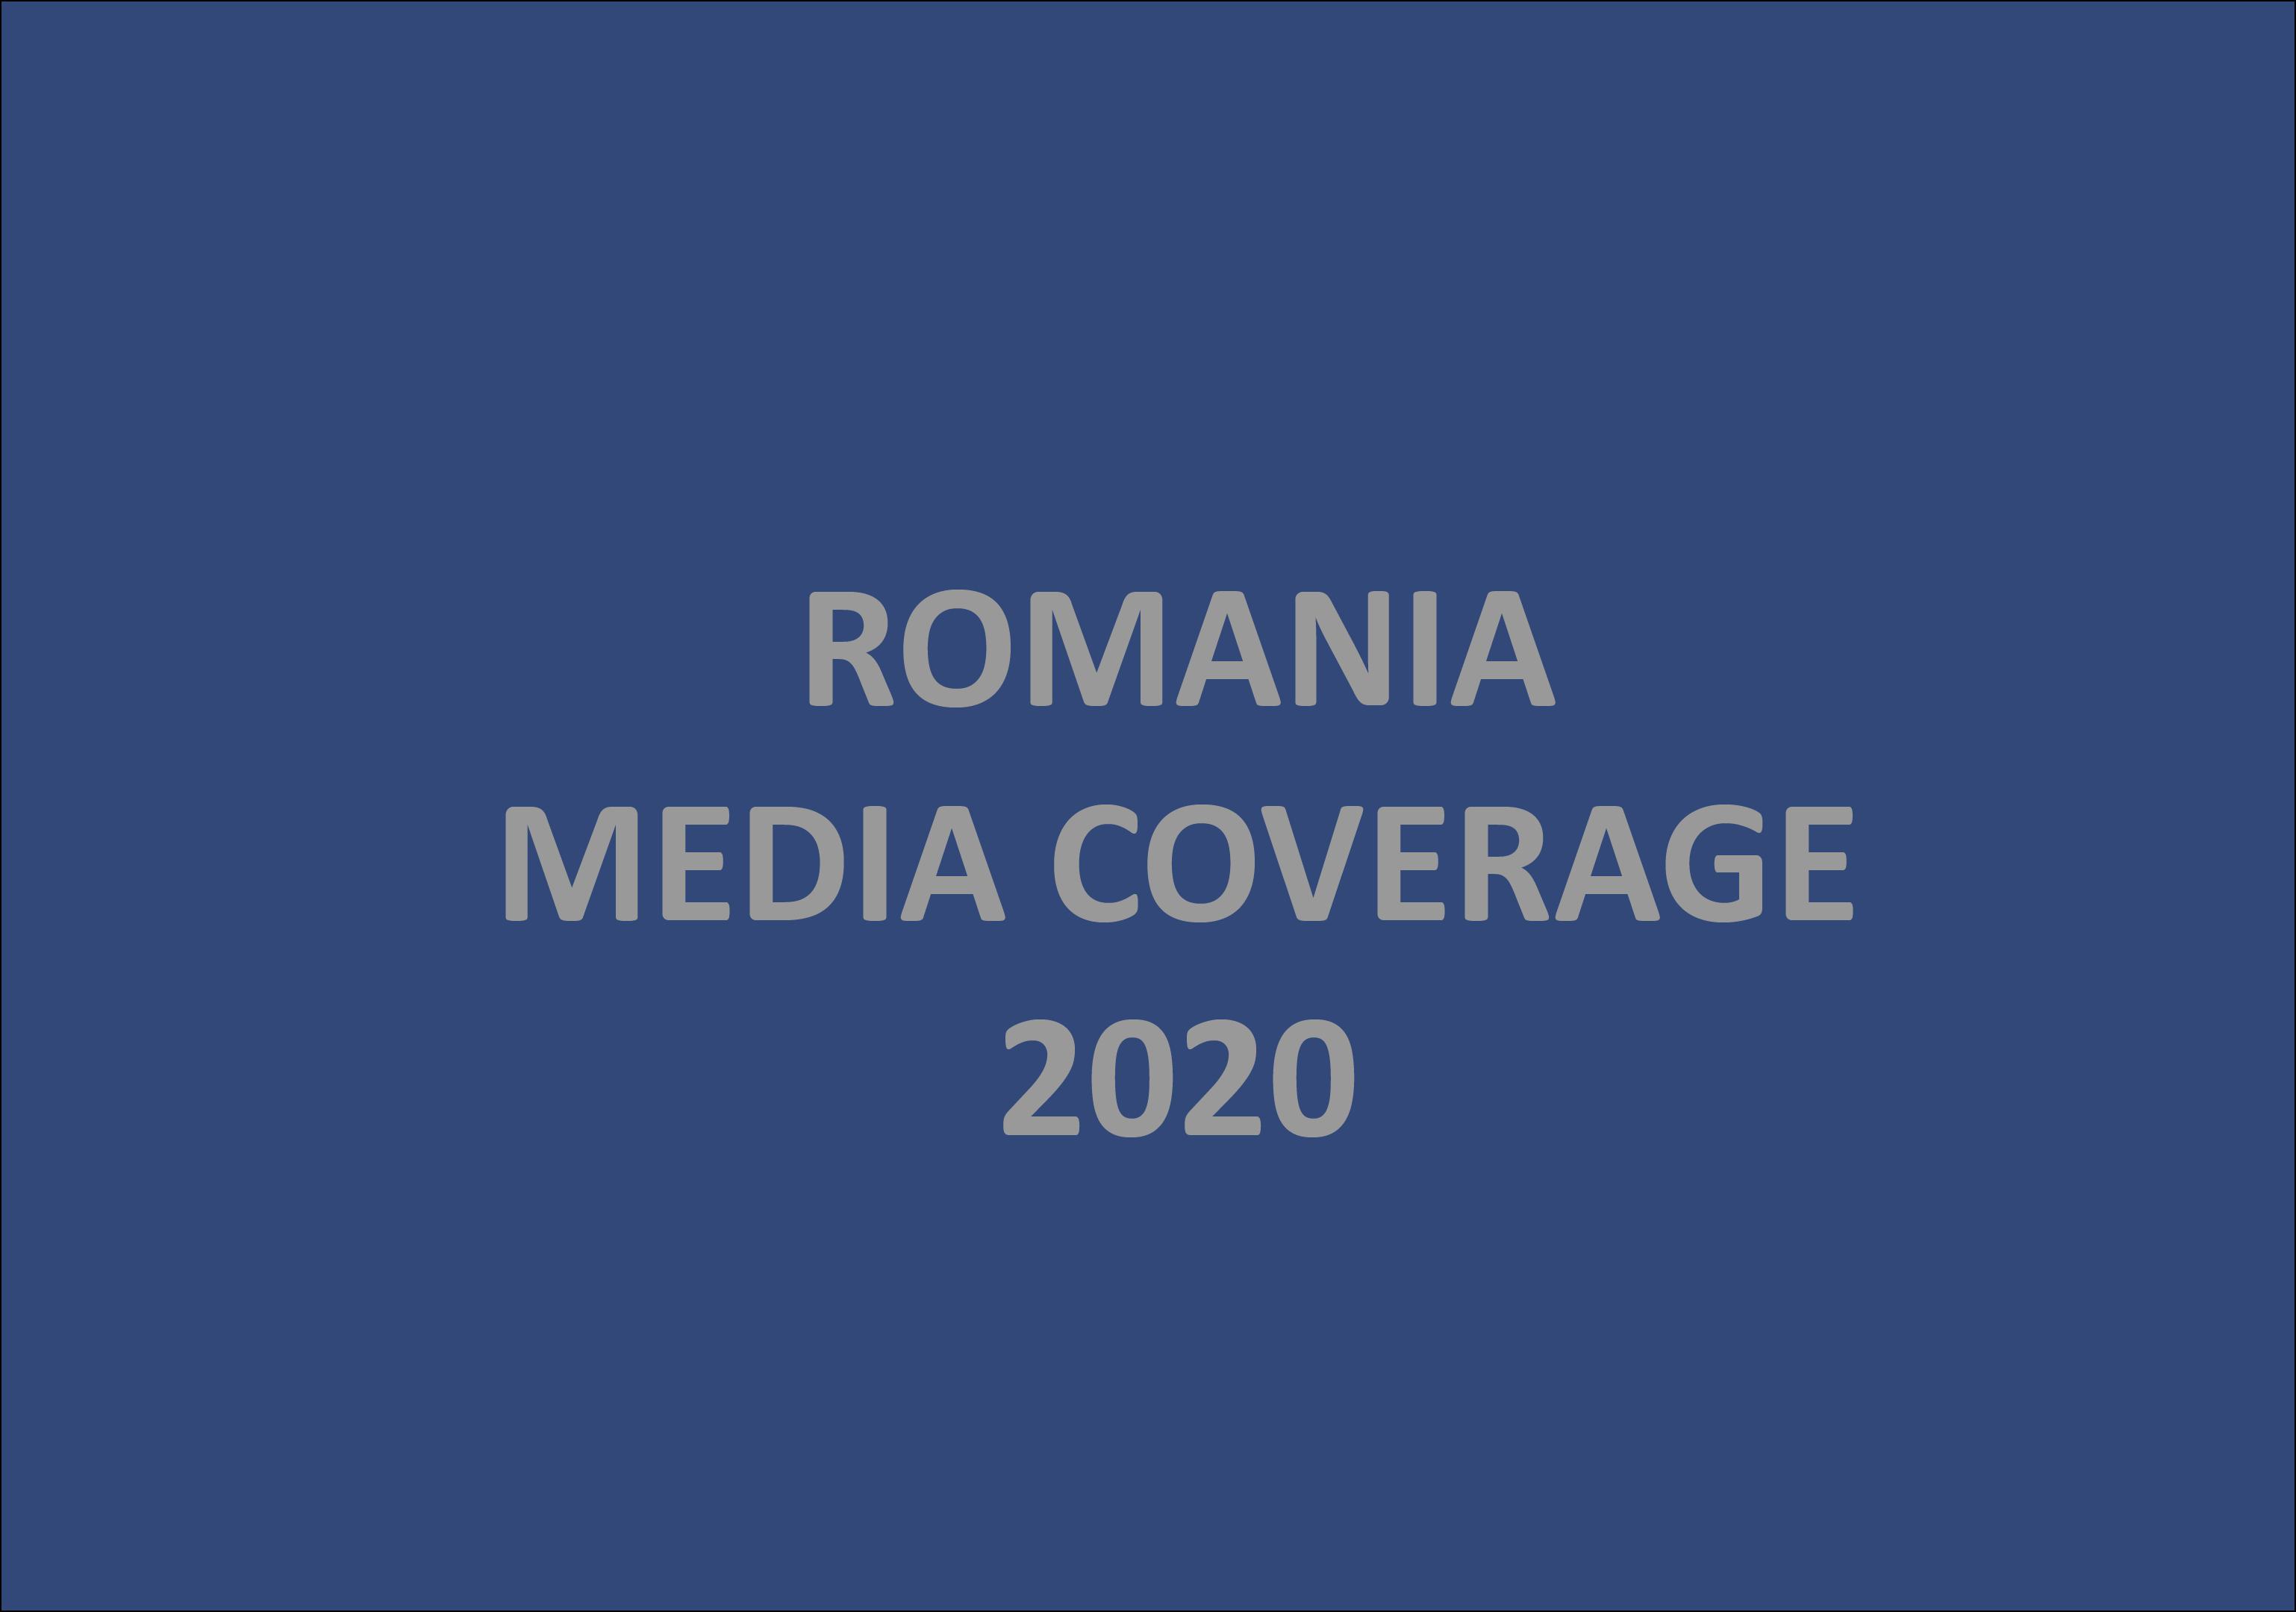 Romania Media Coverage 2020